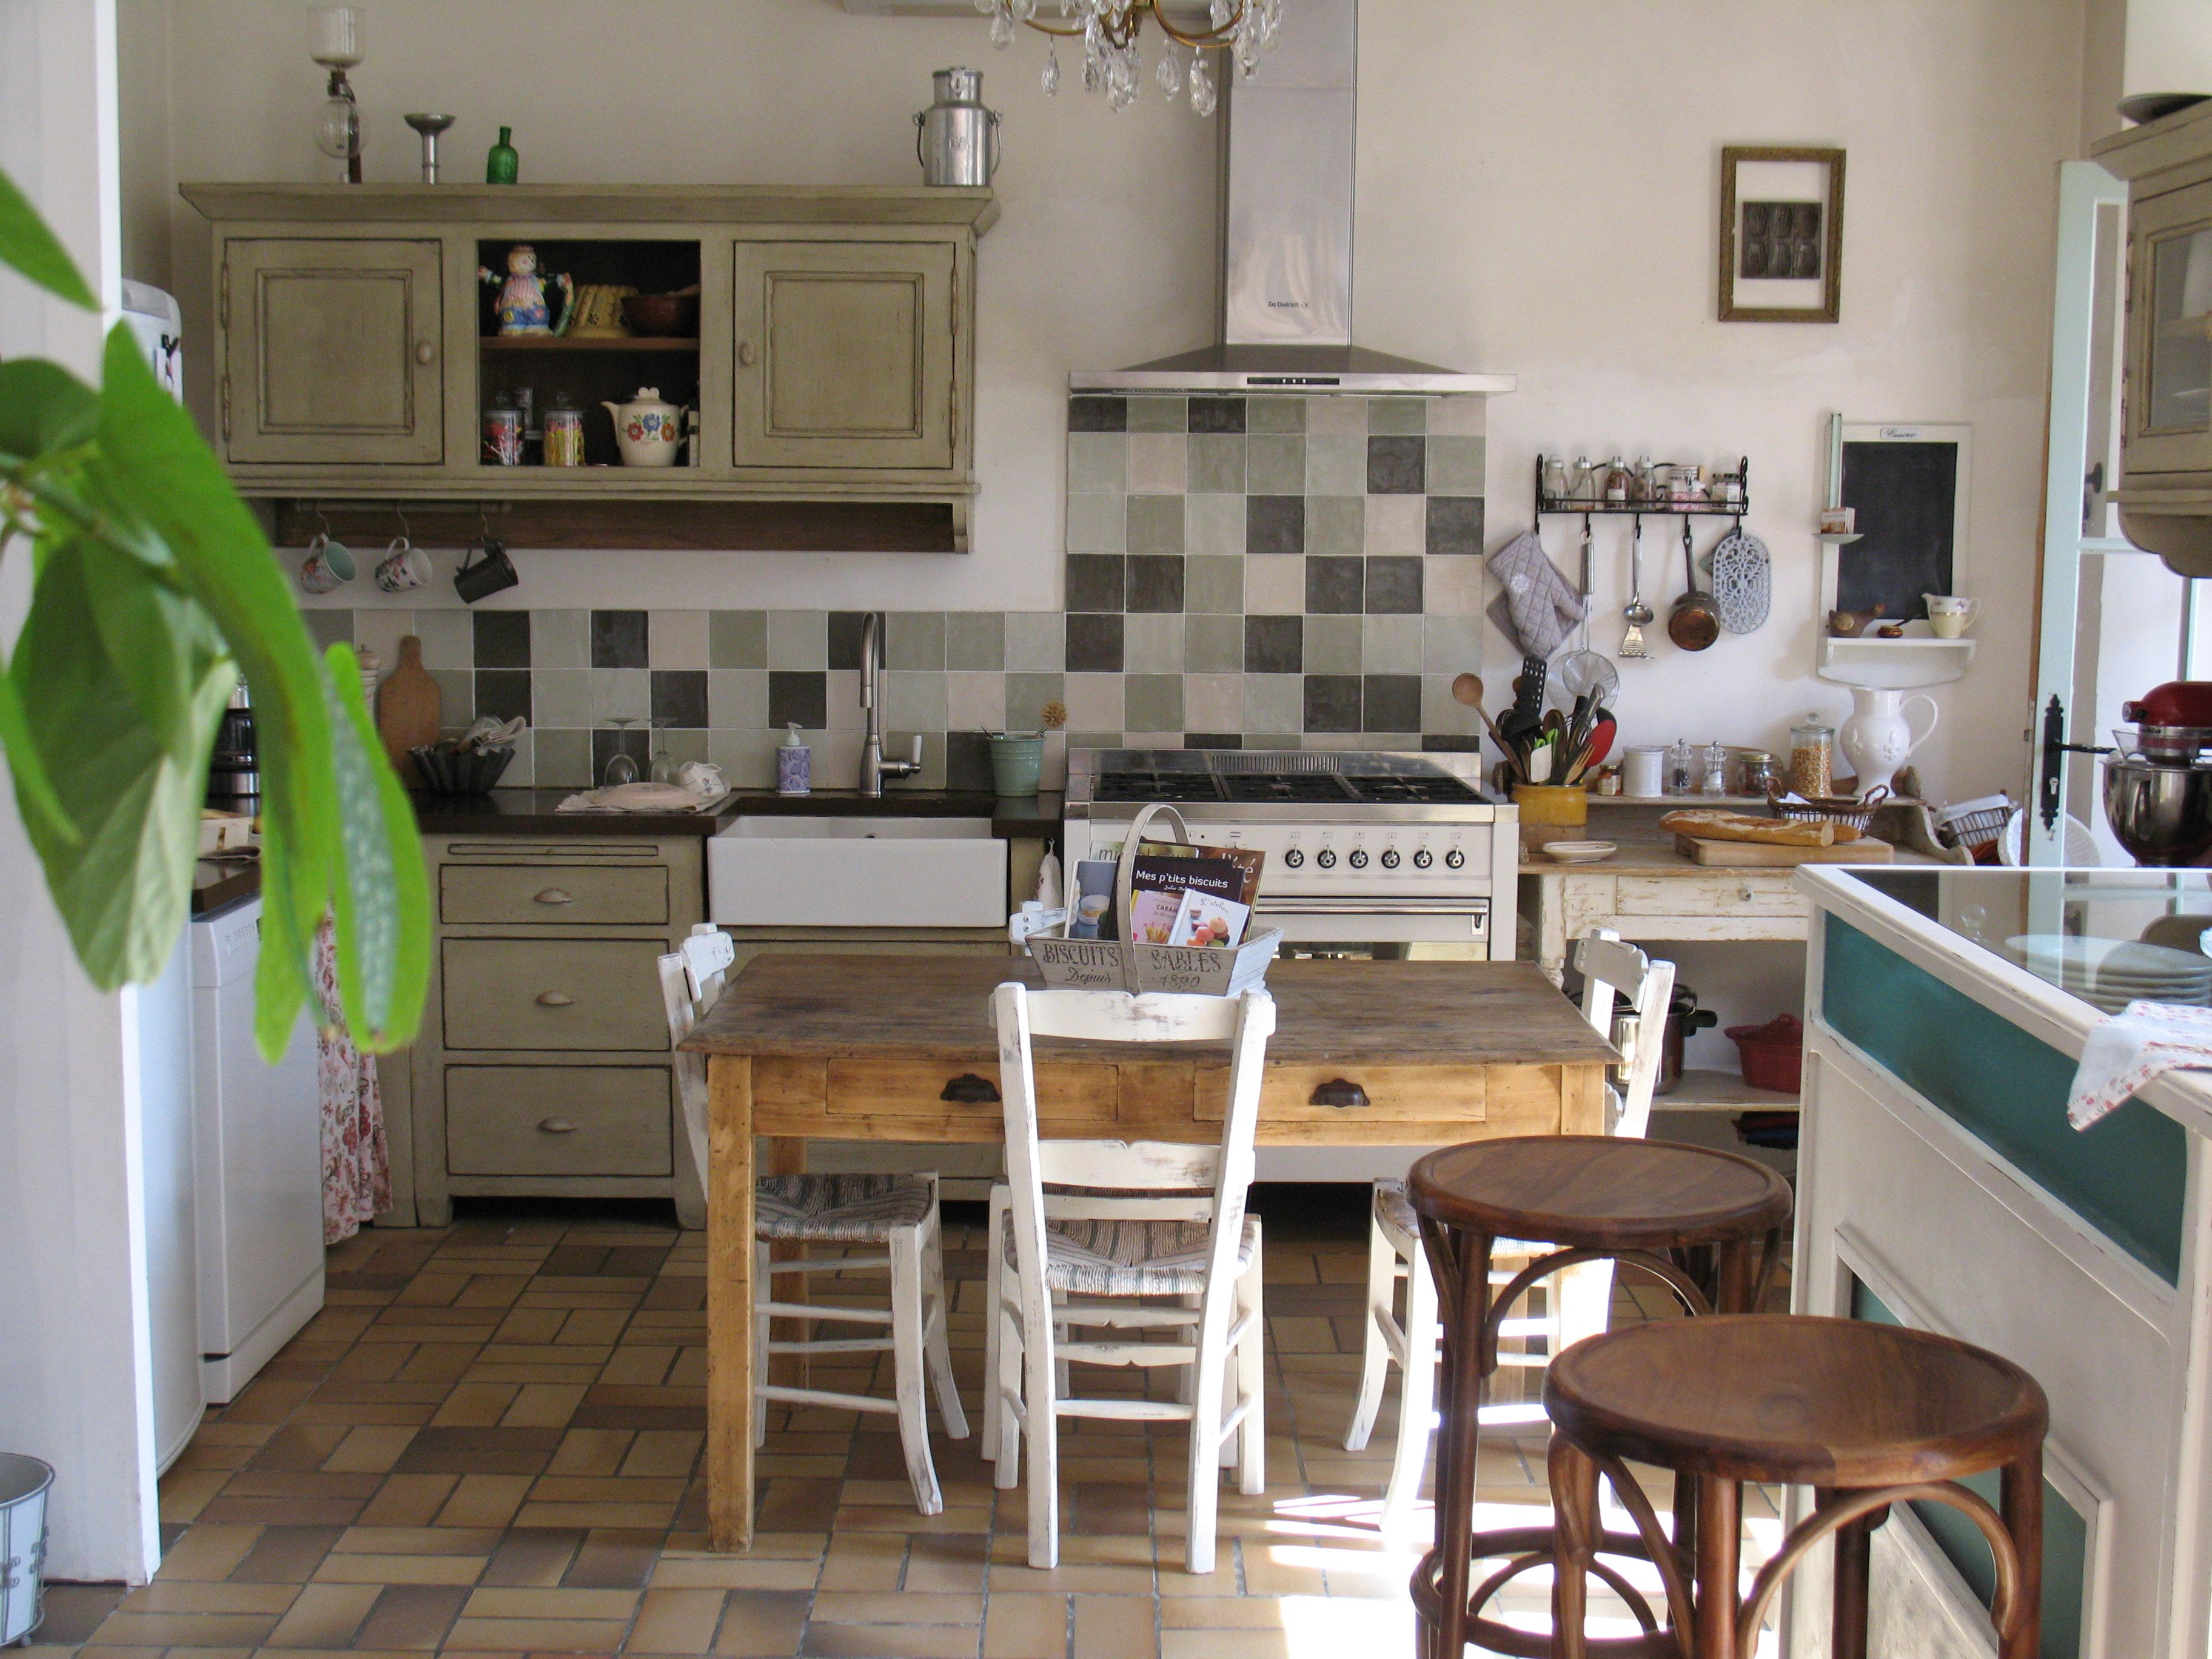 La cuisine : vue d'ensemble   sandy's inspiration